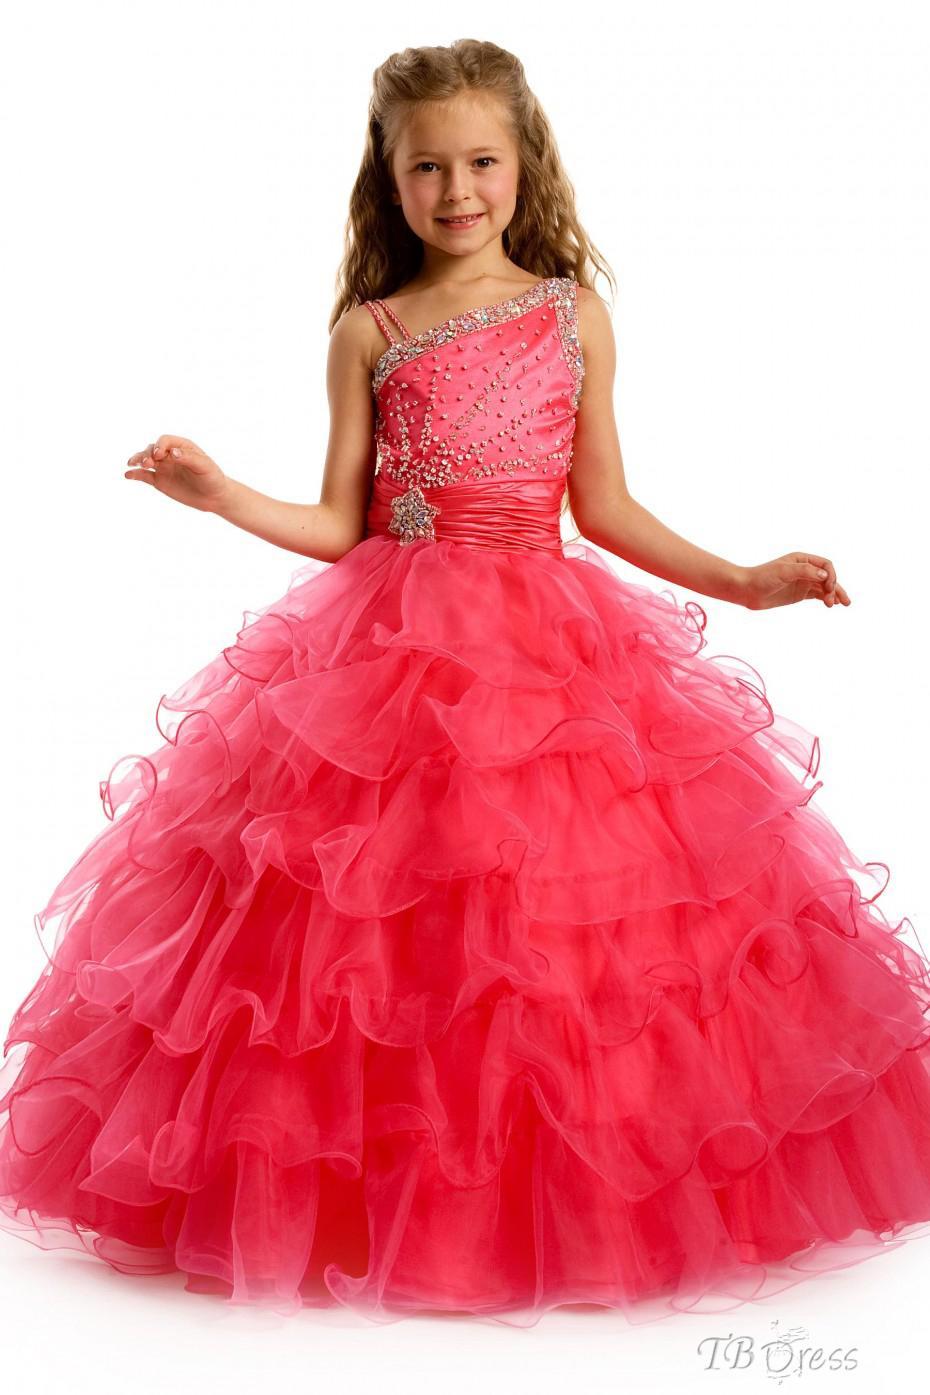 cocuk-abiye-8-jpg.13717 2014 Kız Çocuklarına Prenses Abiye Modelleri Melekler Mekanı Forum